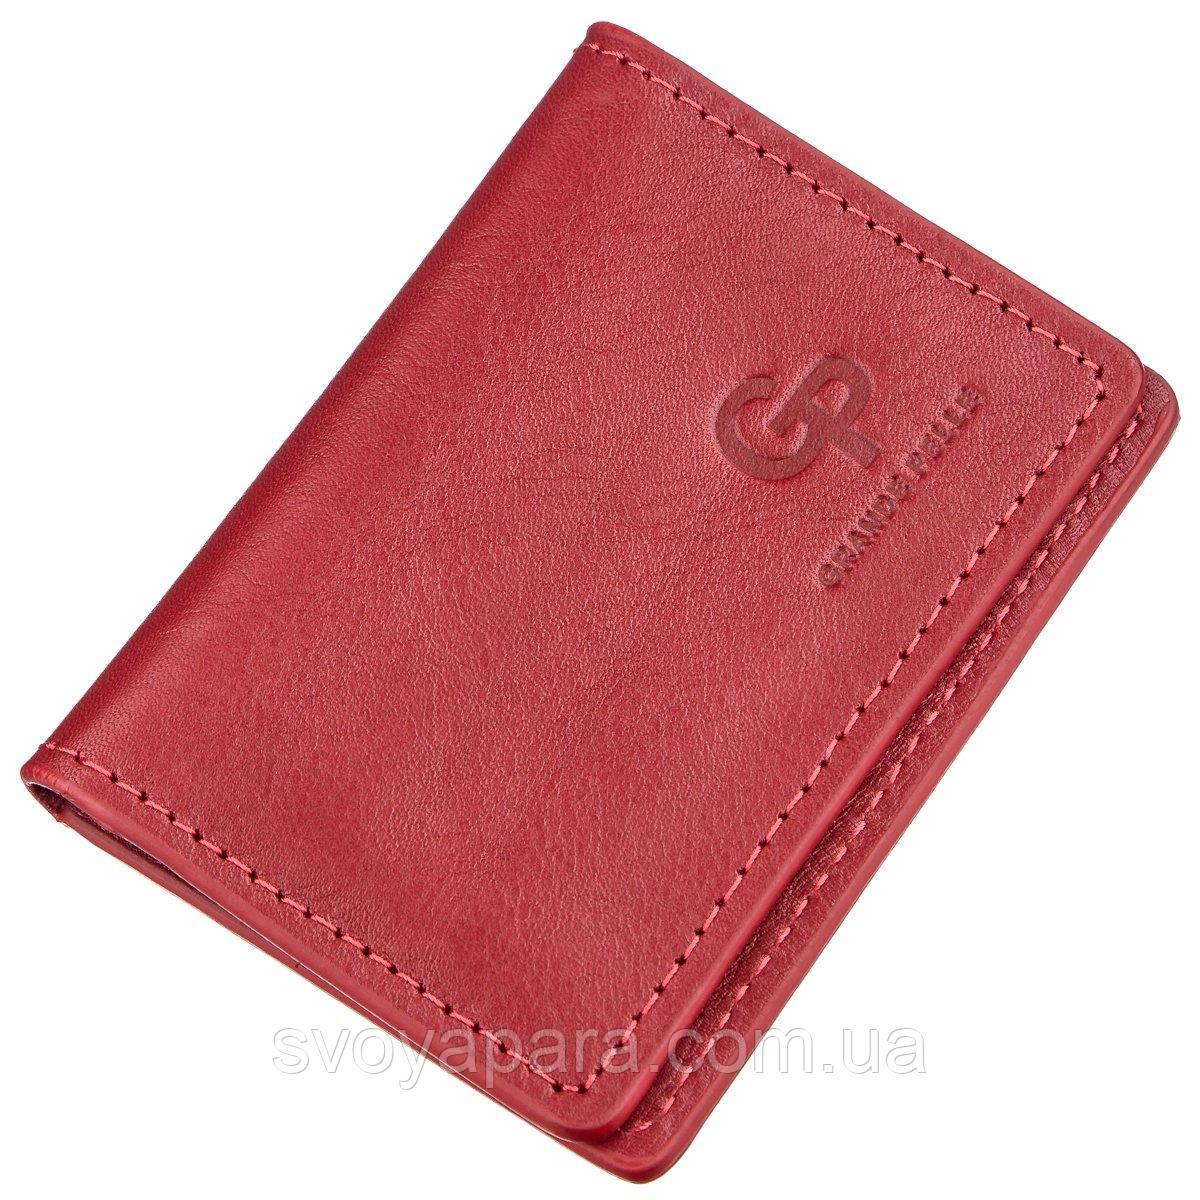 Обложка для водительских прав кожаная GRANDE PELLE 11188 Красная